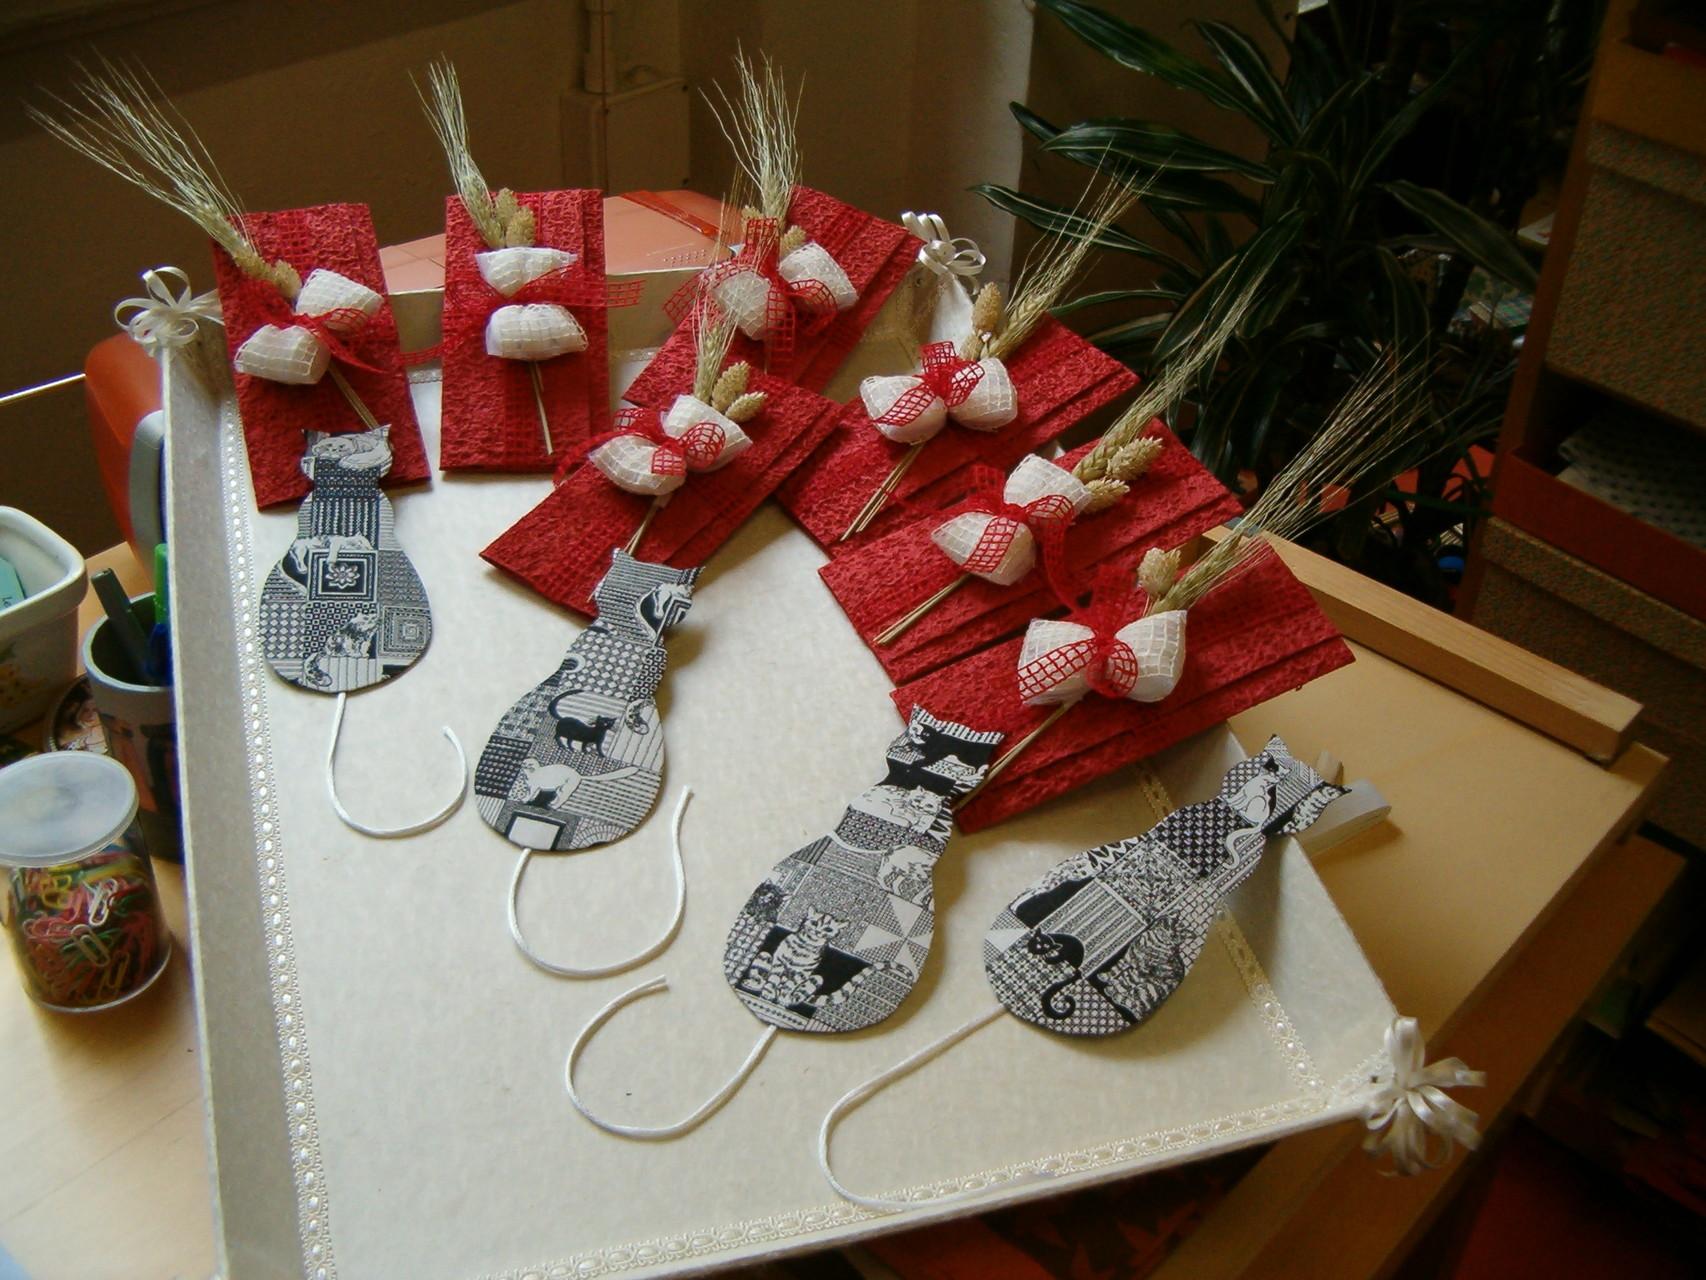 Segnalibro gatto rivestito in stoffa, confezionato in custodie di carta di cotone con i confetti legati all'esterno